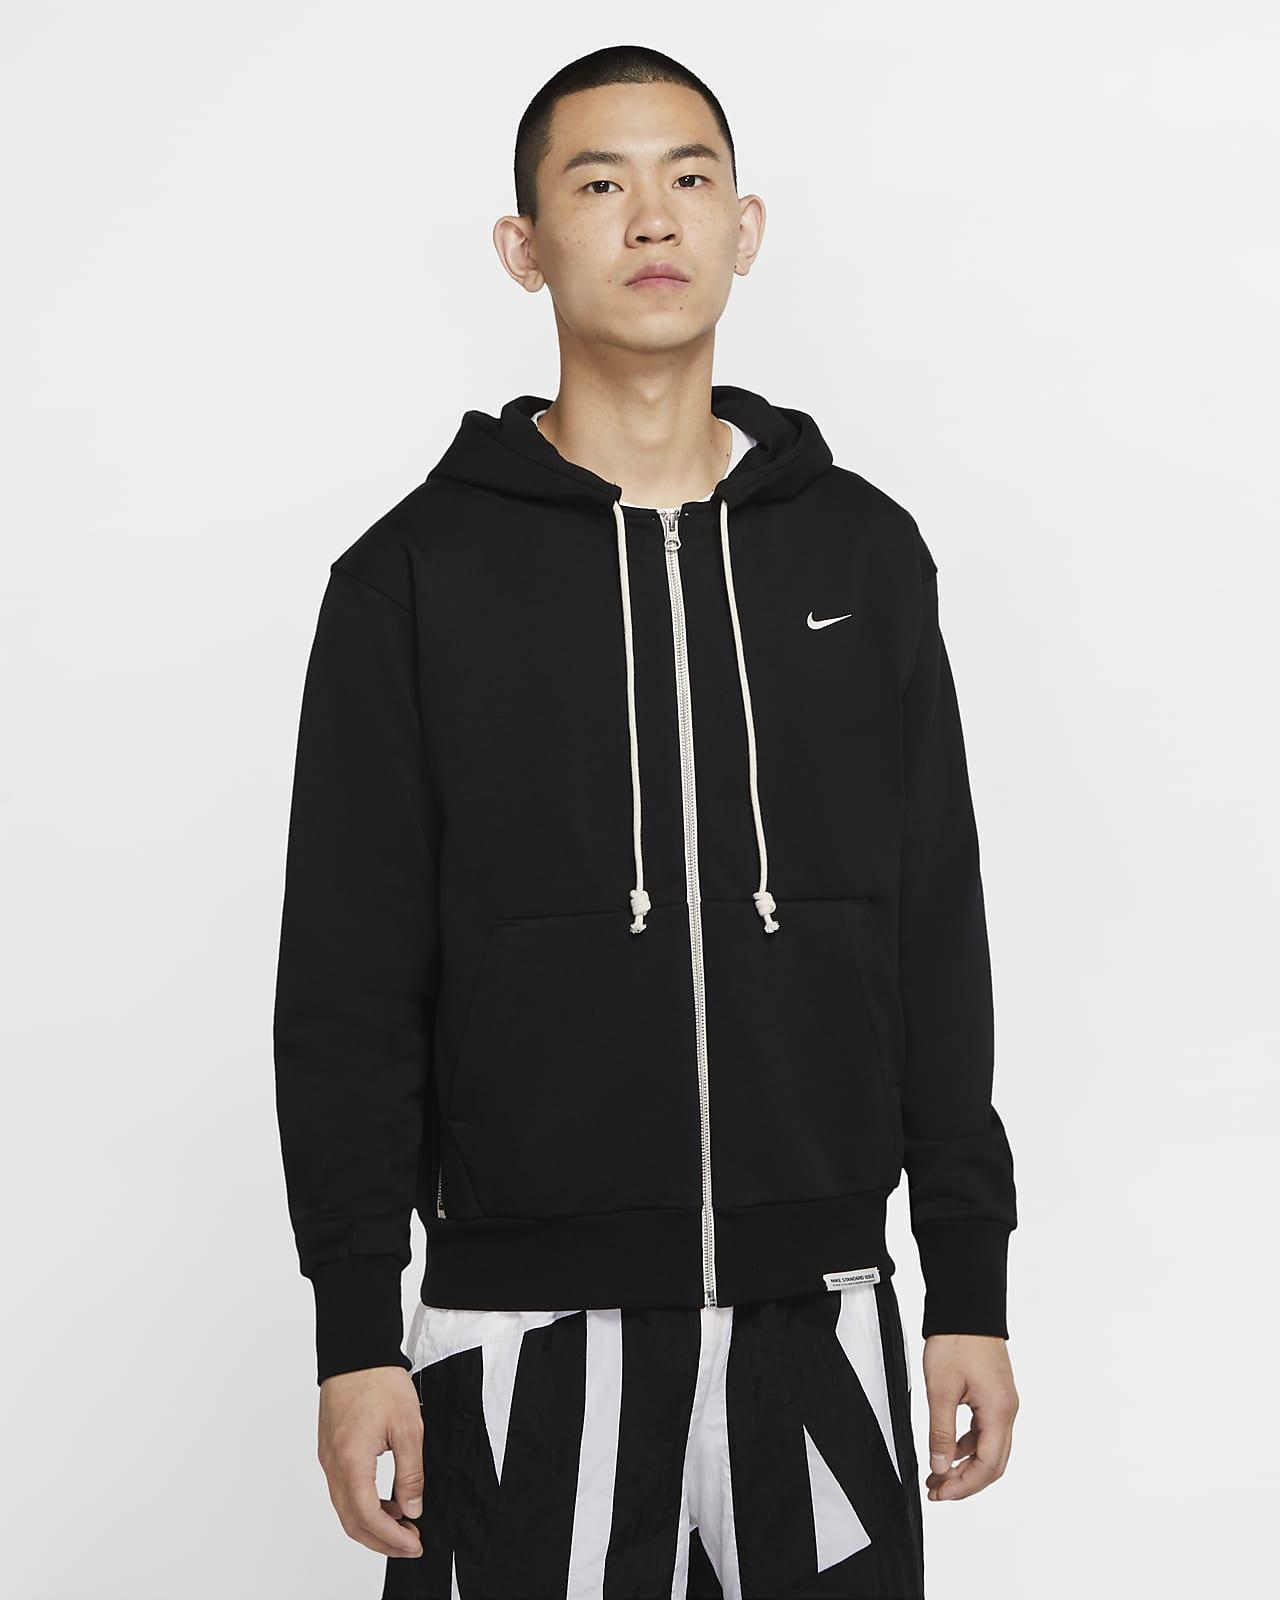 Męska bluza do koszykówki z kapturem i zamkiem na całej długości Nike Dri-FIT Standard Issue